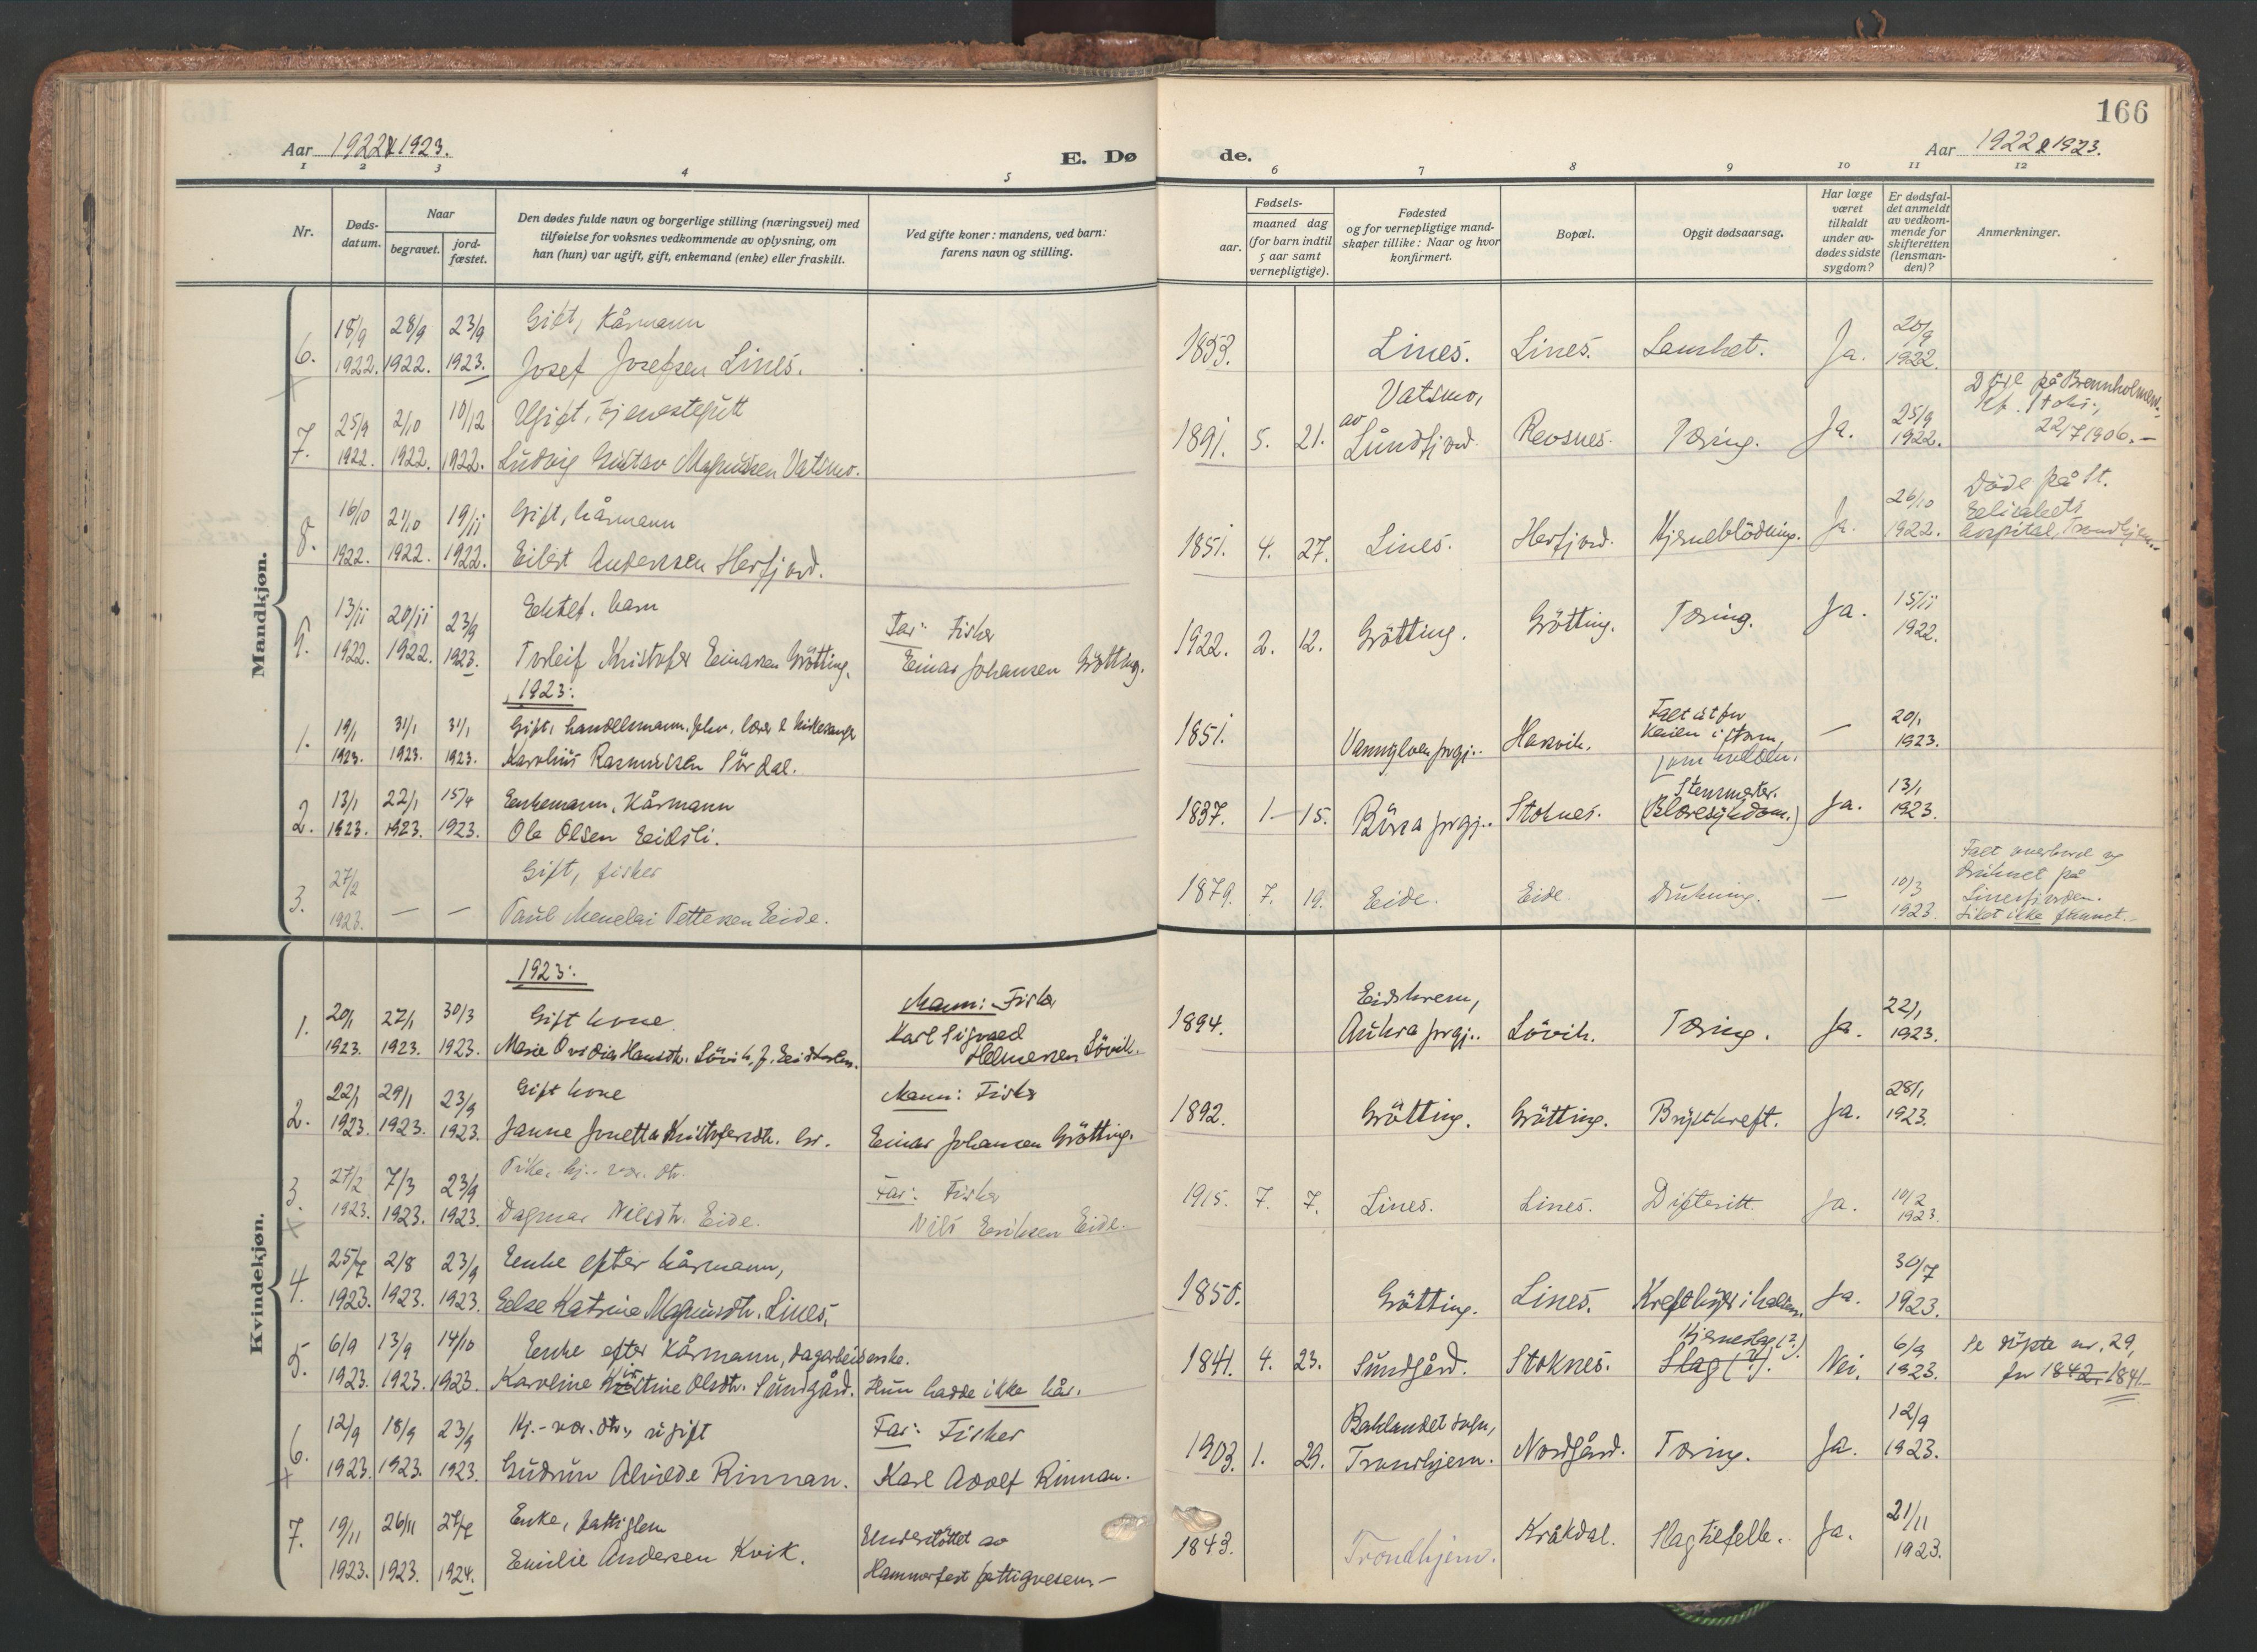 SAT, Ministerialprotokoller, klokkerbøker og fødselsregistre - Sør-Trøndelag, 656/L0694: Ministerialbok nr. 656A03, 1914-1931, s. 166